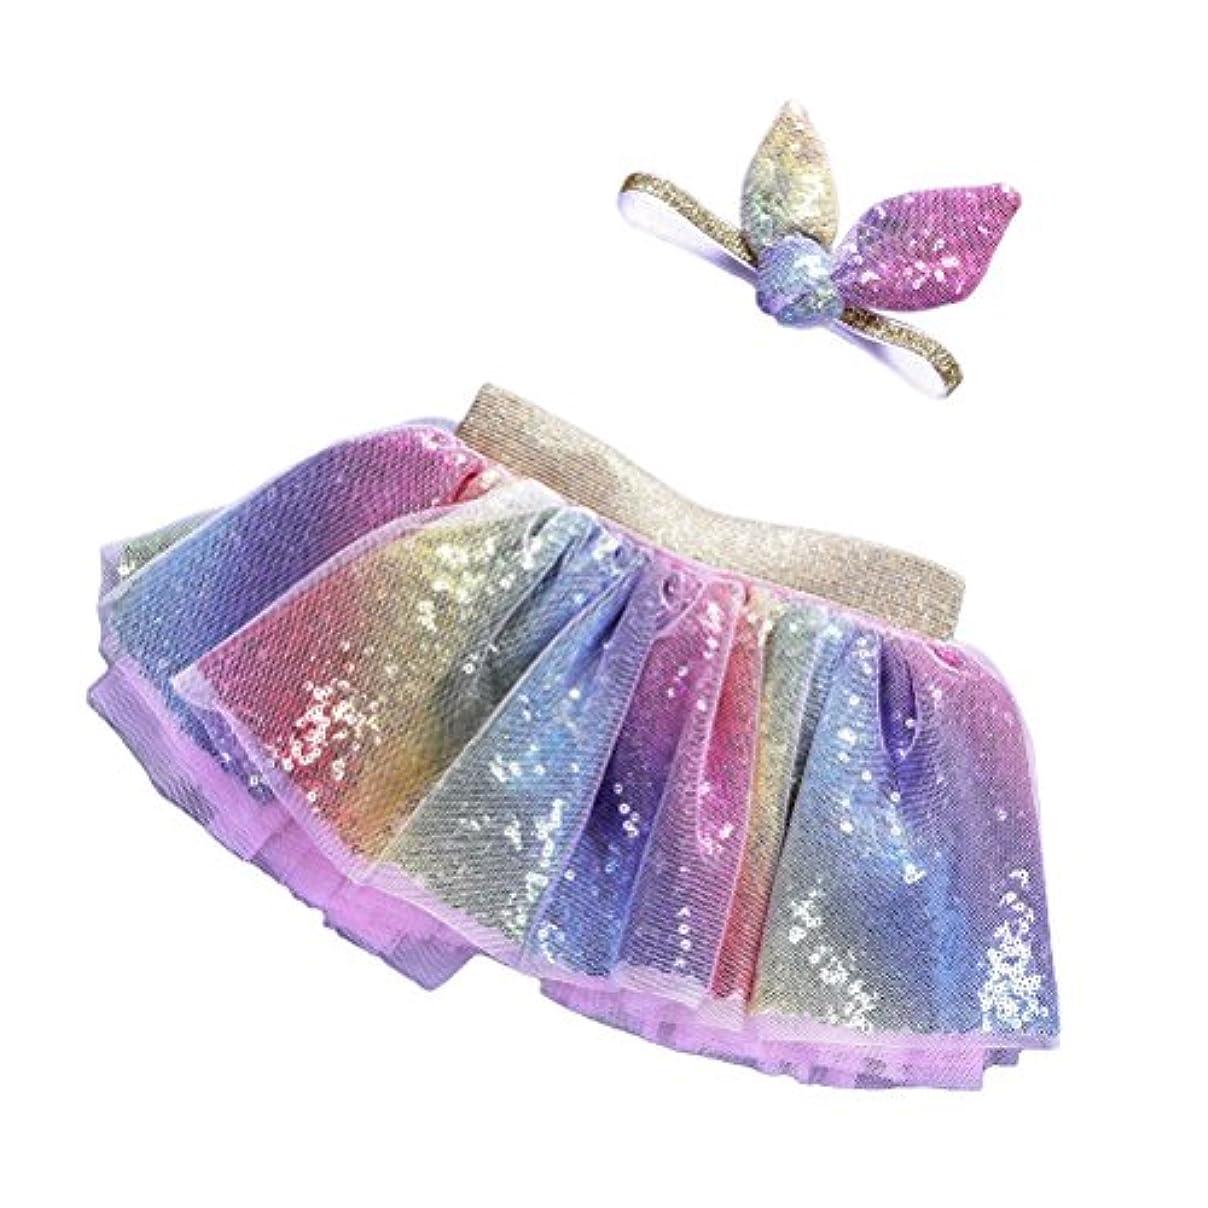 風刺テロ偽善LUOEM 2PCSレインボーツツスカート(ヘッドバンド付き)プリンセスガールツツーの服装ベイビーガールズ誕生日の服セットサイズL(4-8歳)